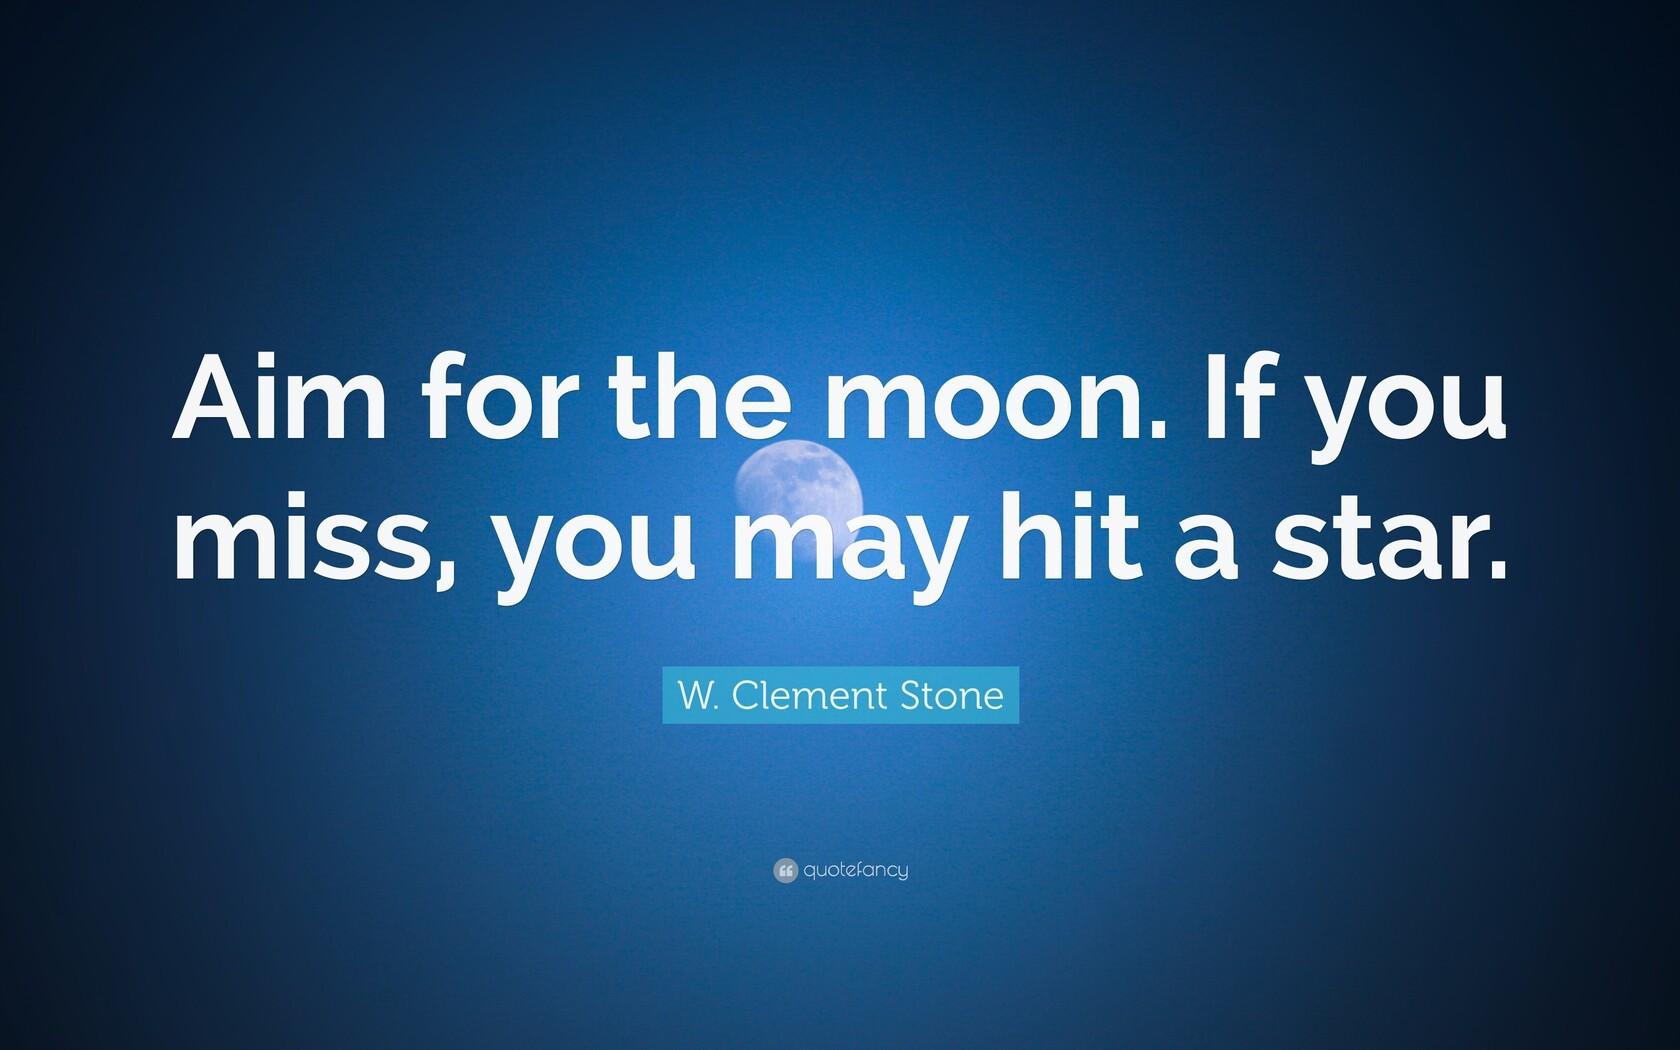 aim-for-the-moon.jpg